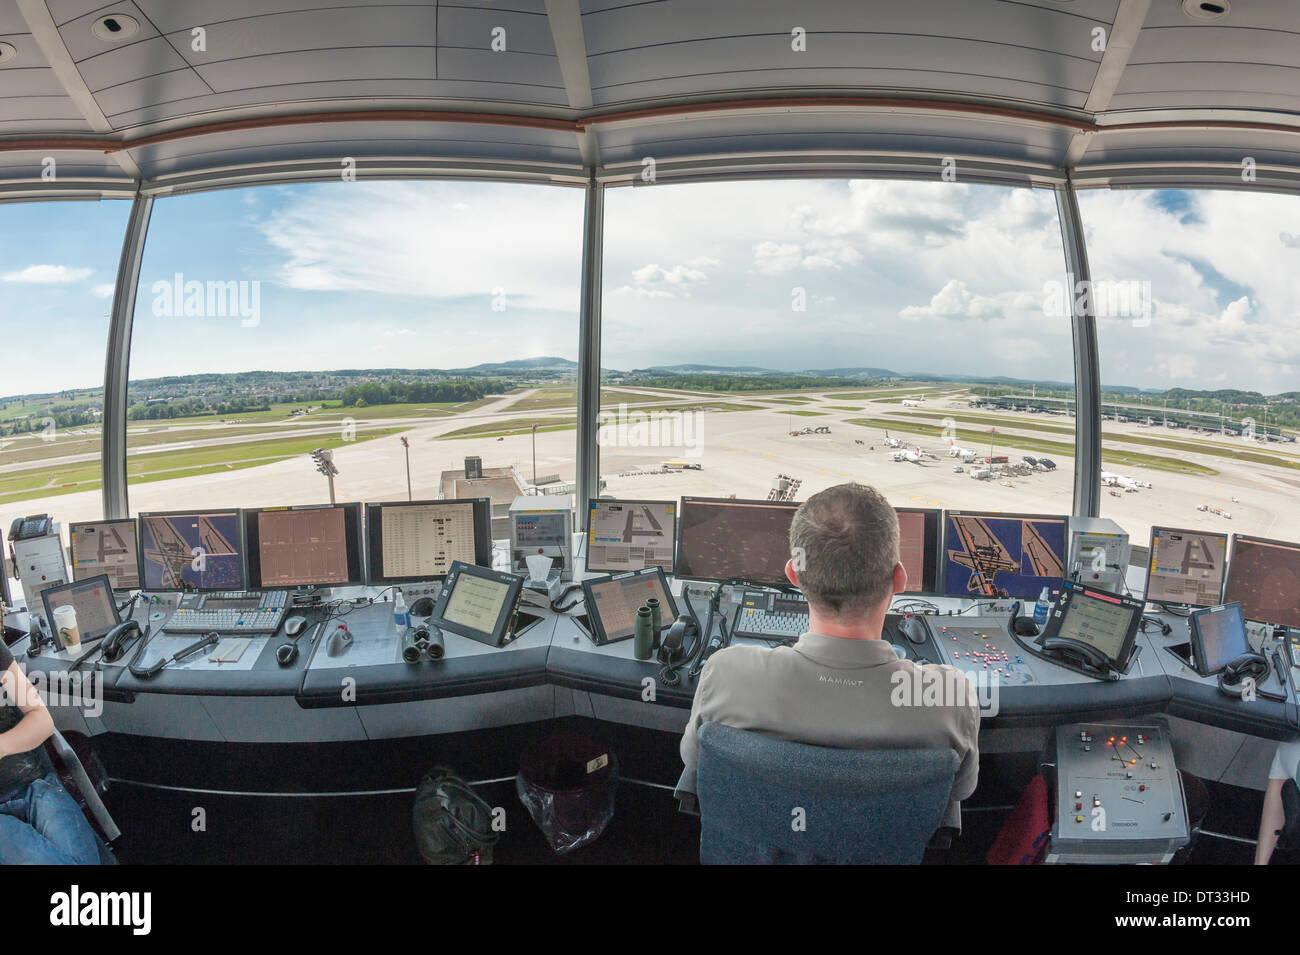 Fluglotsen im Tower Zürich/Kloten Flughafen Kontrolle sind der Flughafen Flugplatz Überwachung. Stockbild